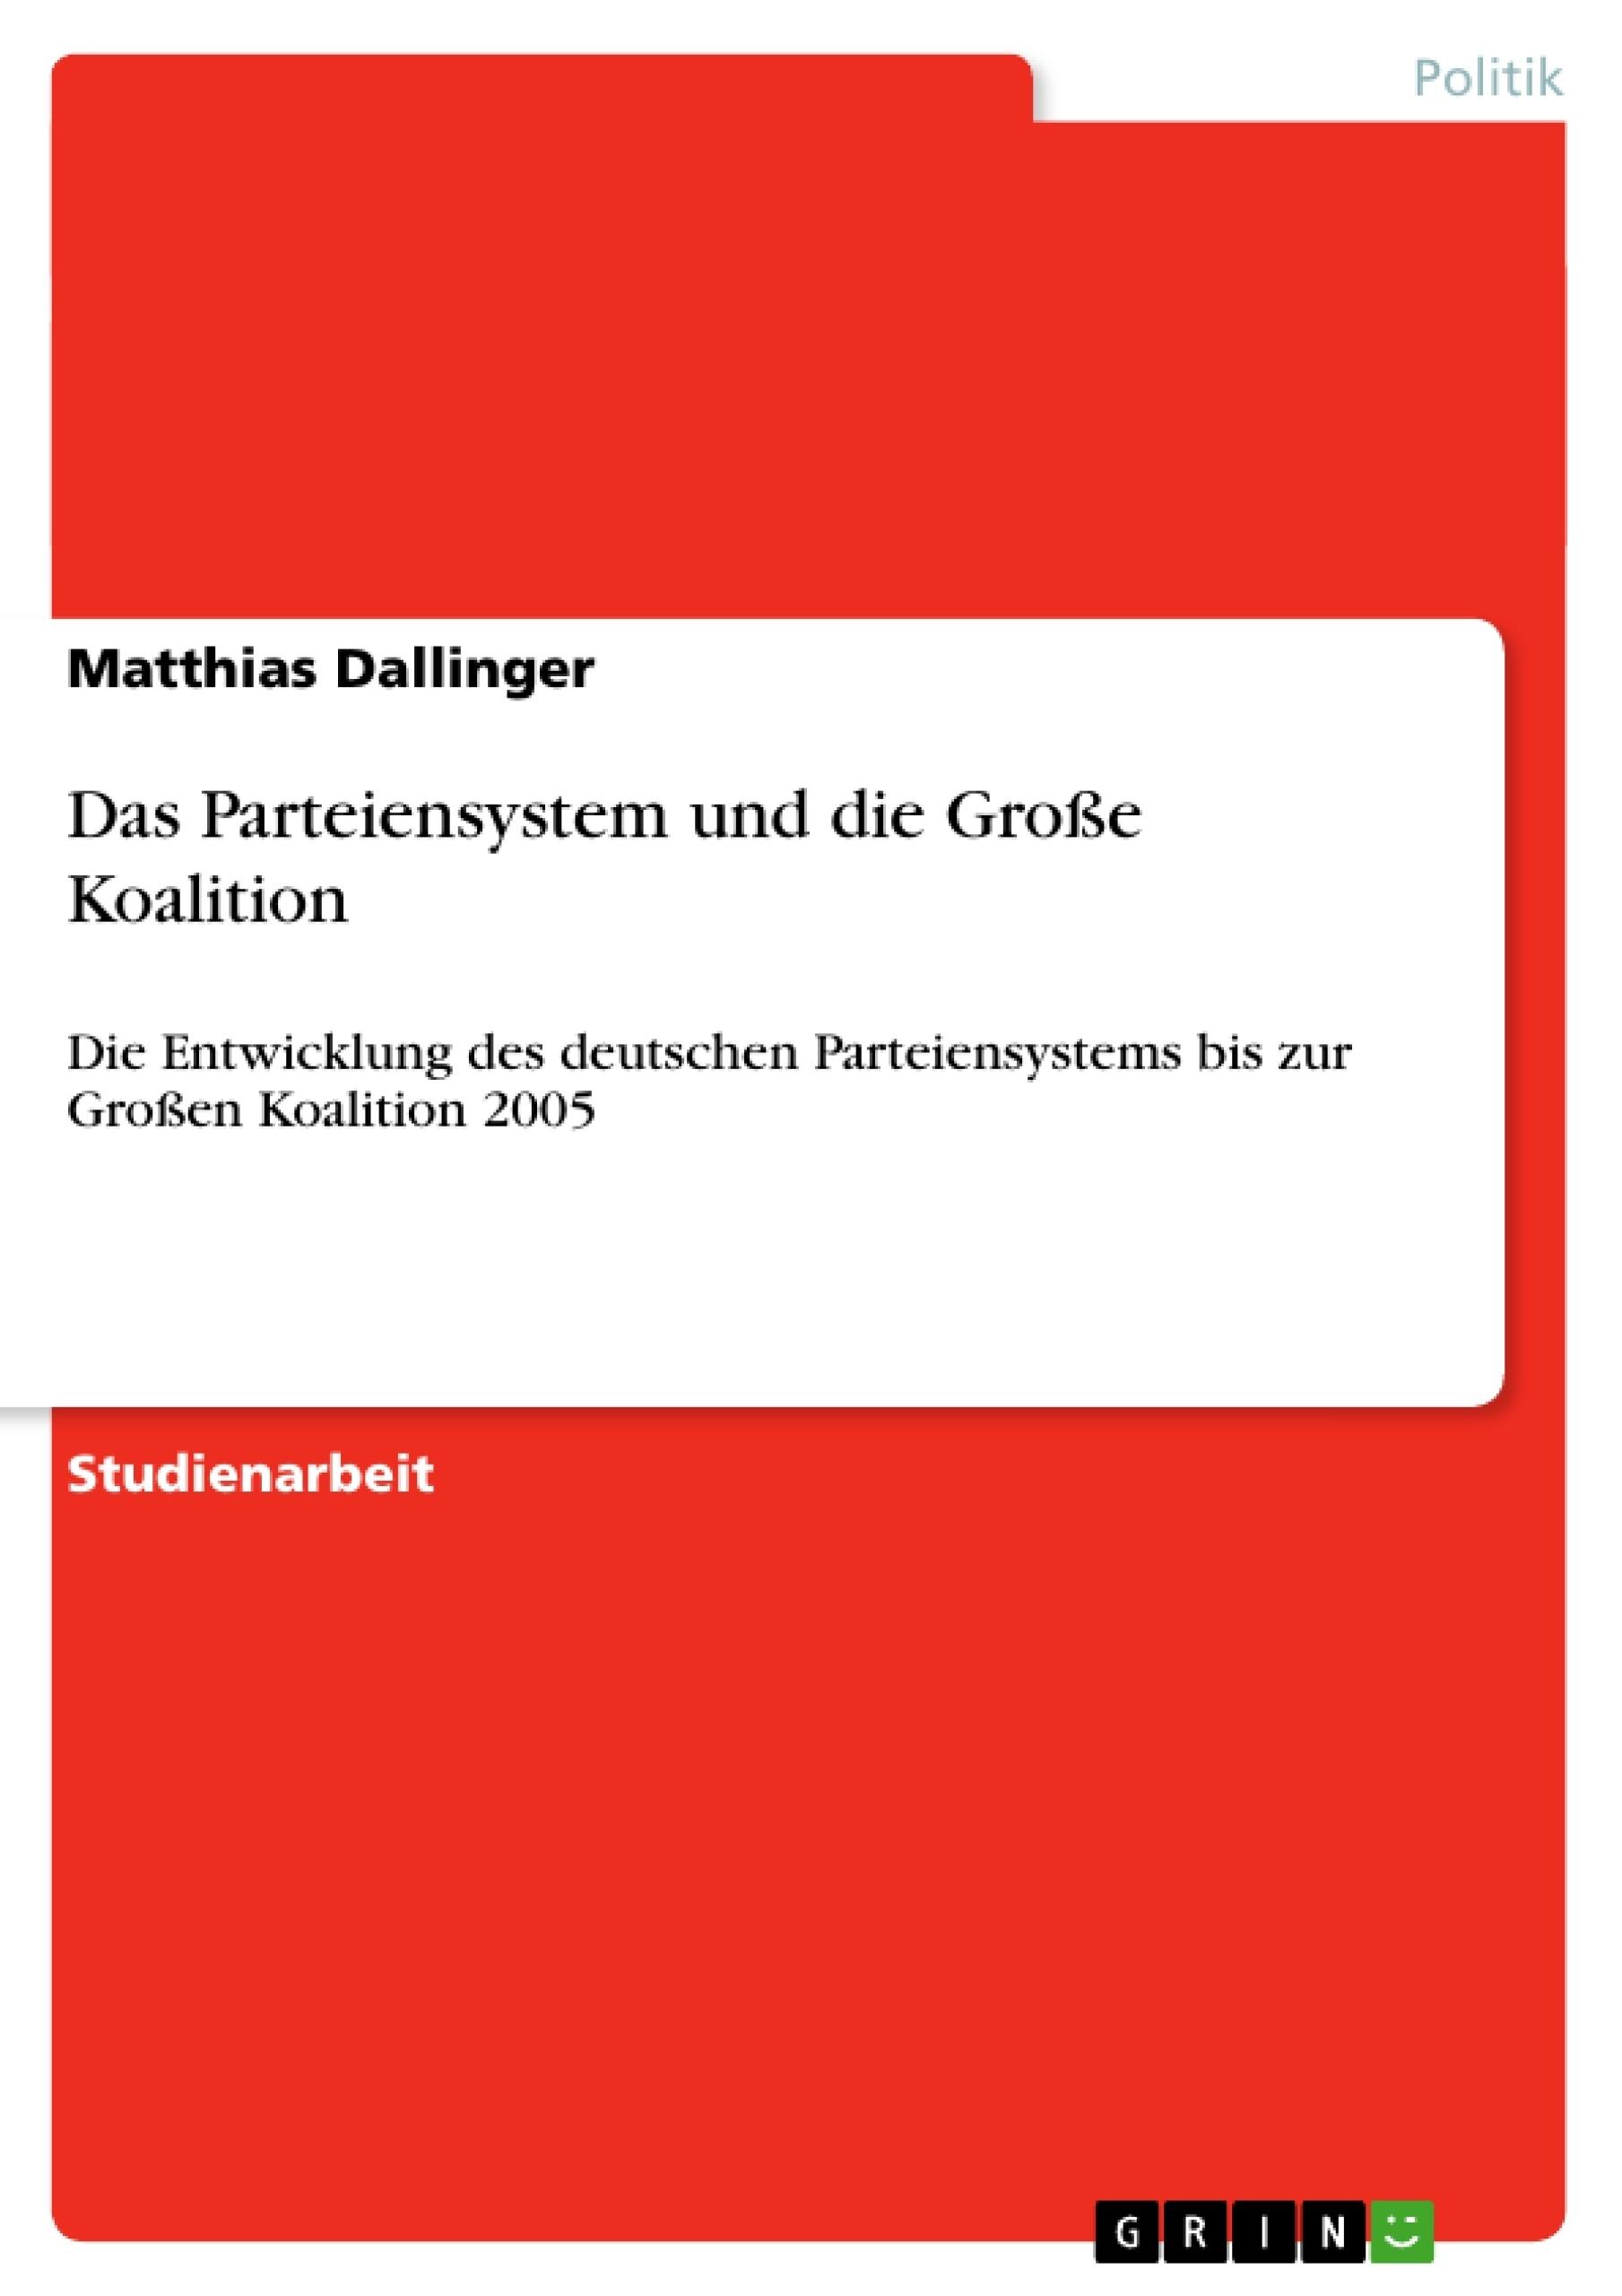 Titel: Das Parteiensystem und die Große Koalition